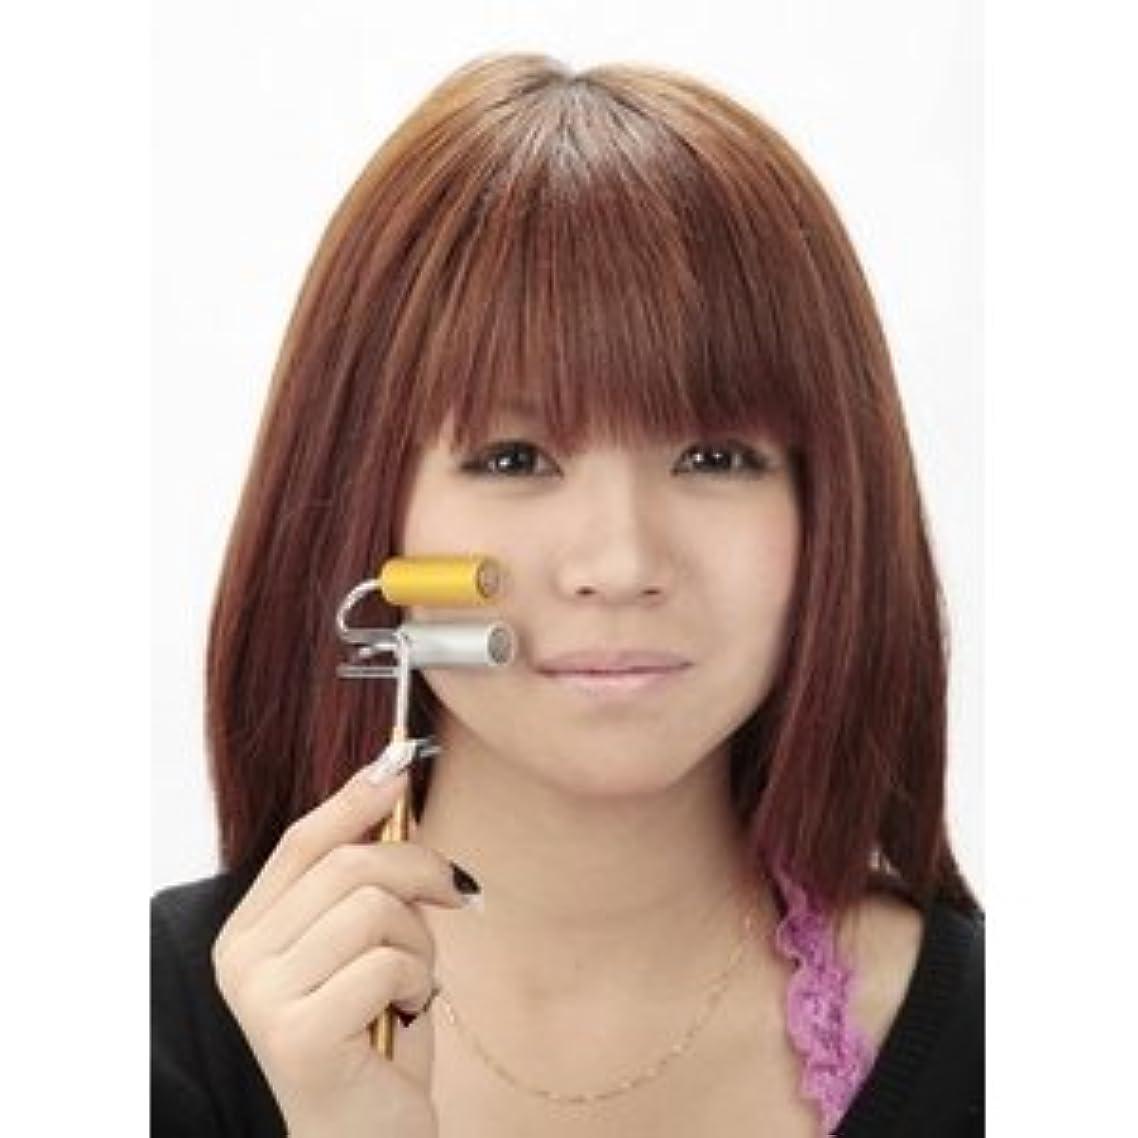 ボードインセンティブマーチャンダイザー純金&純銀ゲルマ磁気ローラ ds-120454